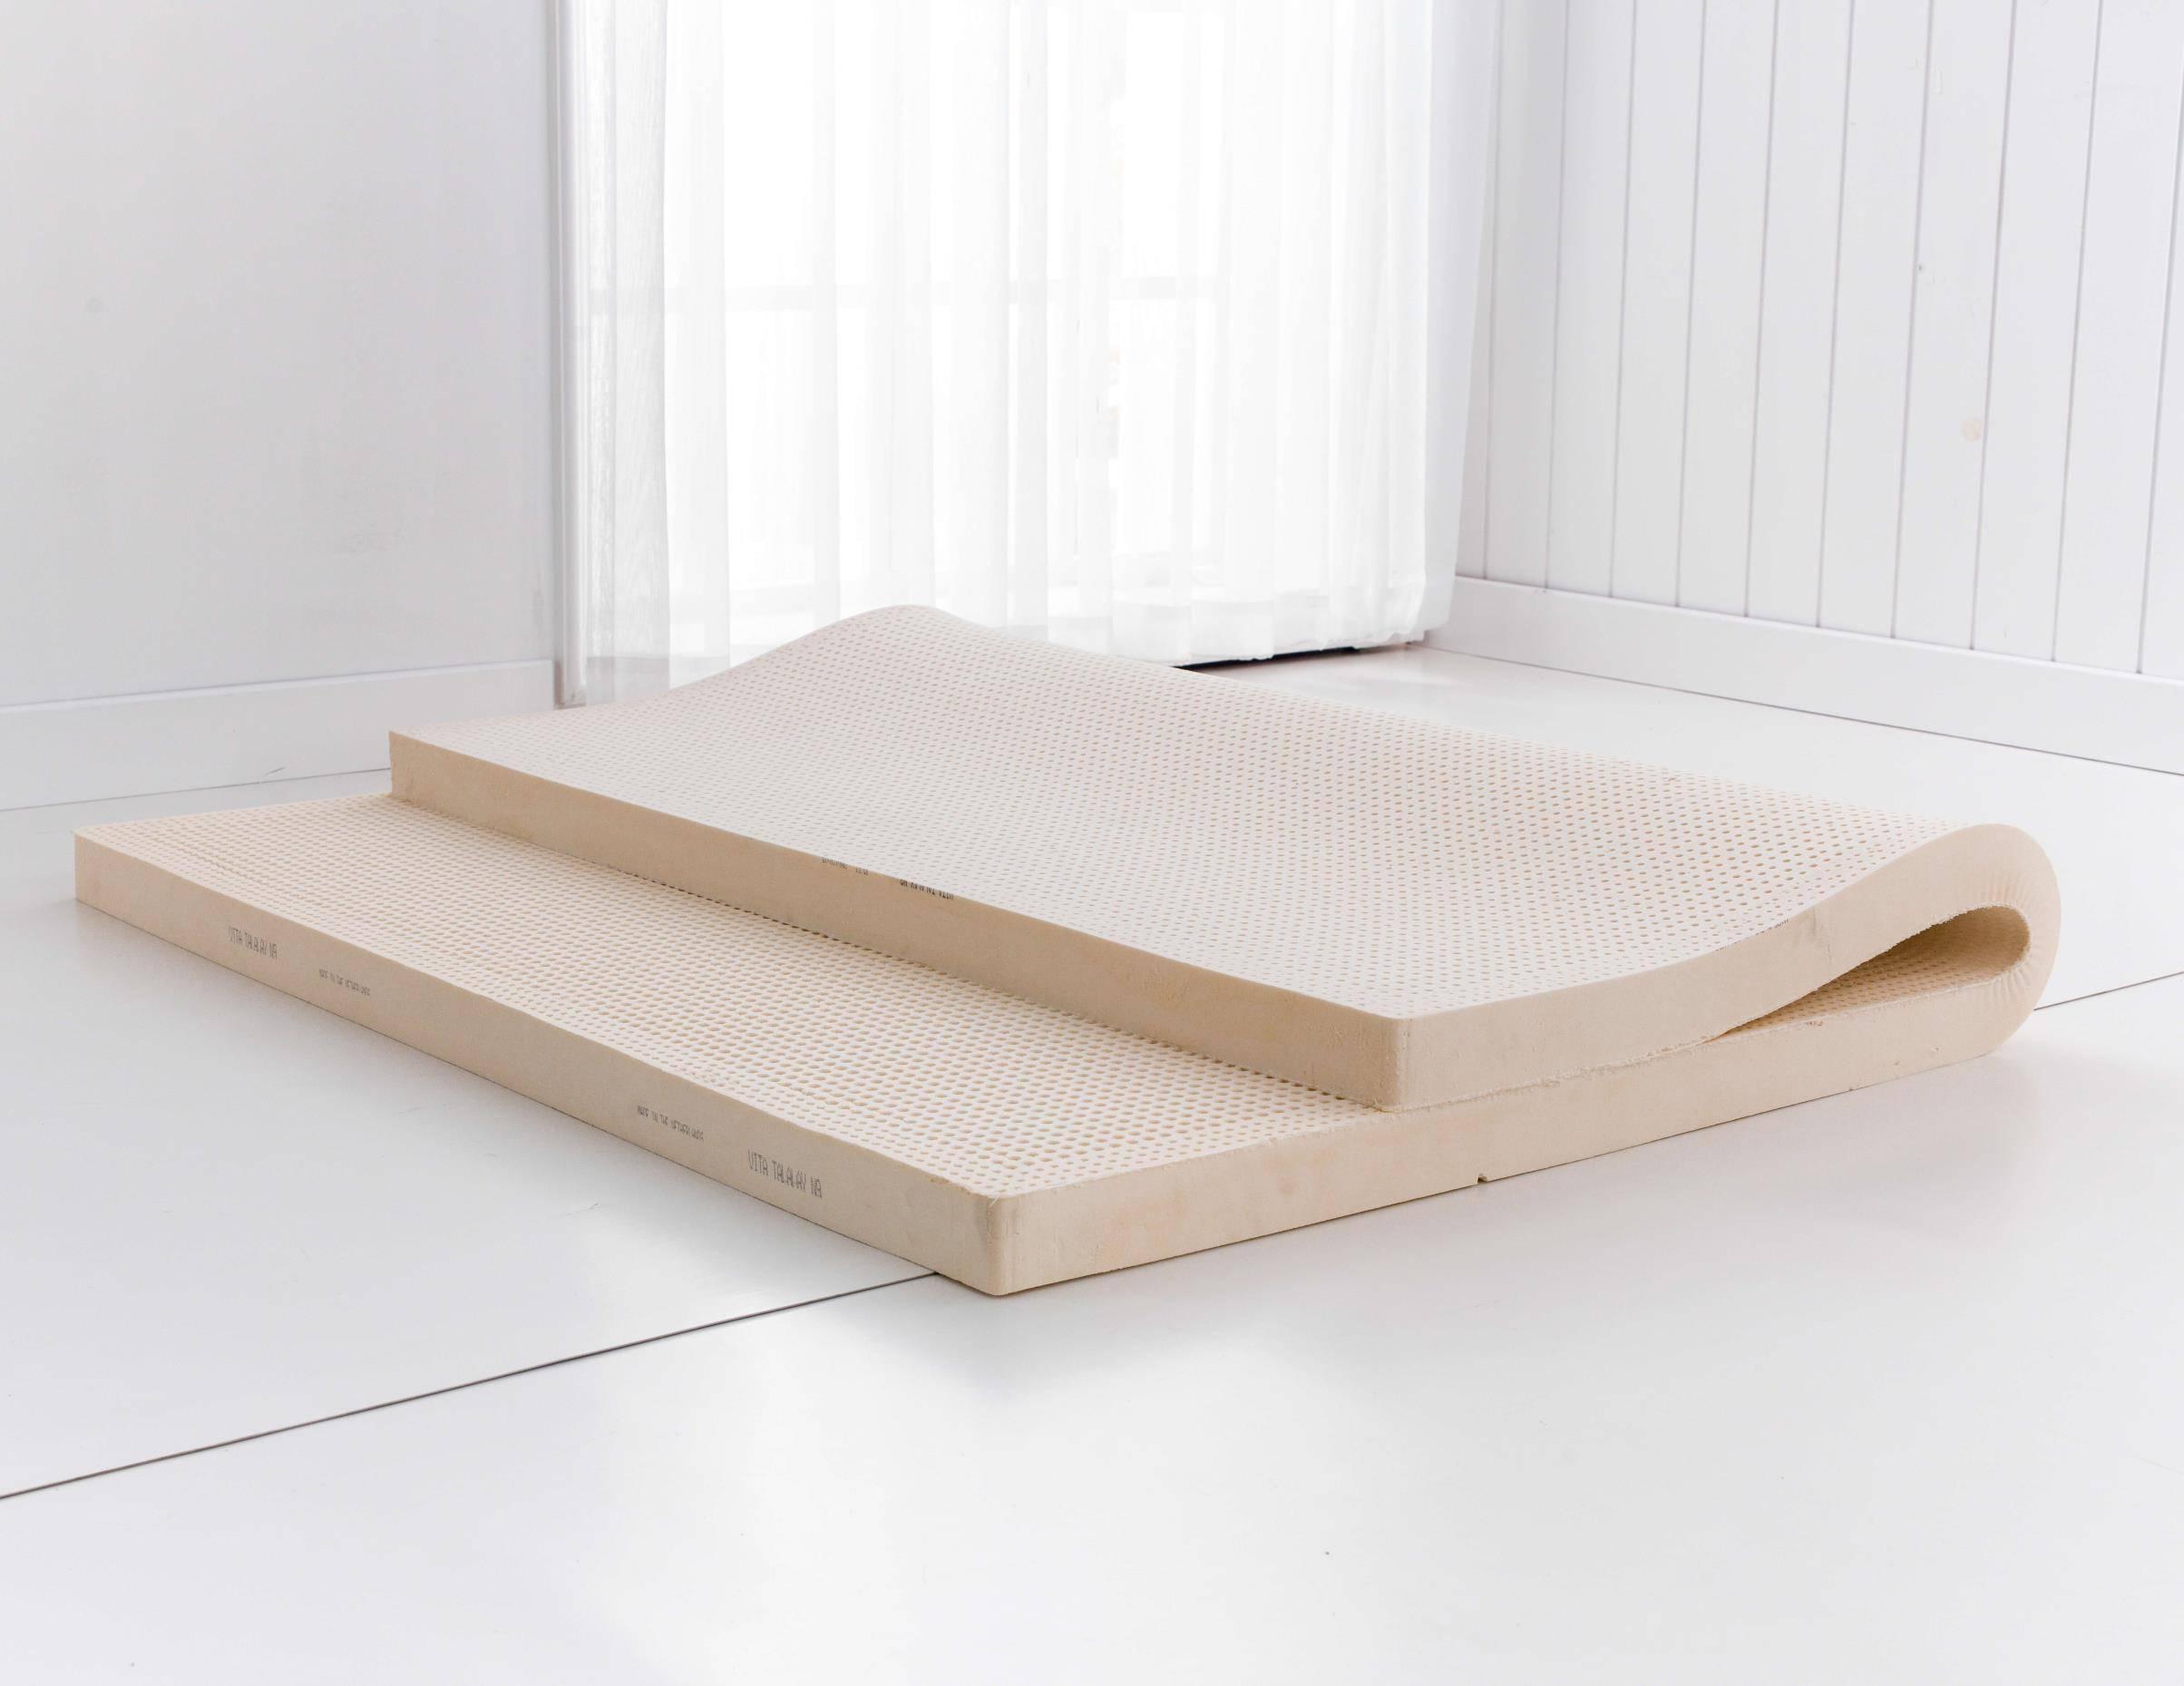 苏老伯.荷兰原装进口Radiumfoam天然乳胶床垫